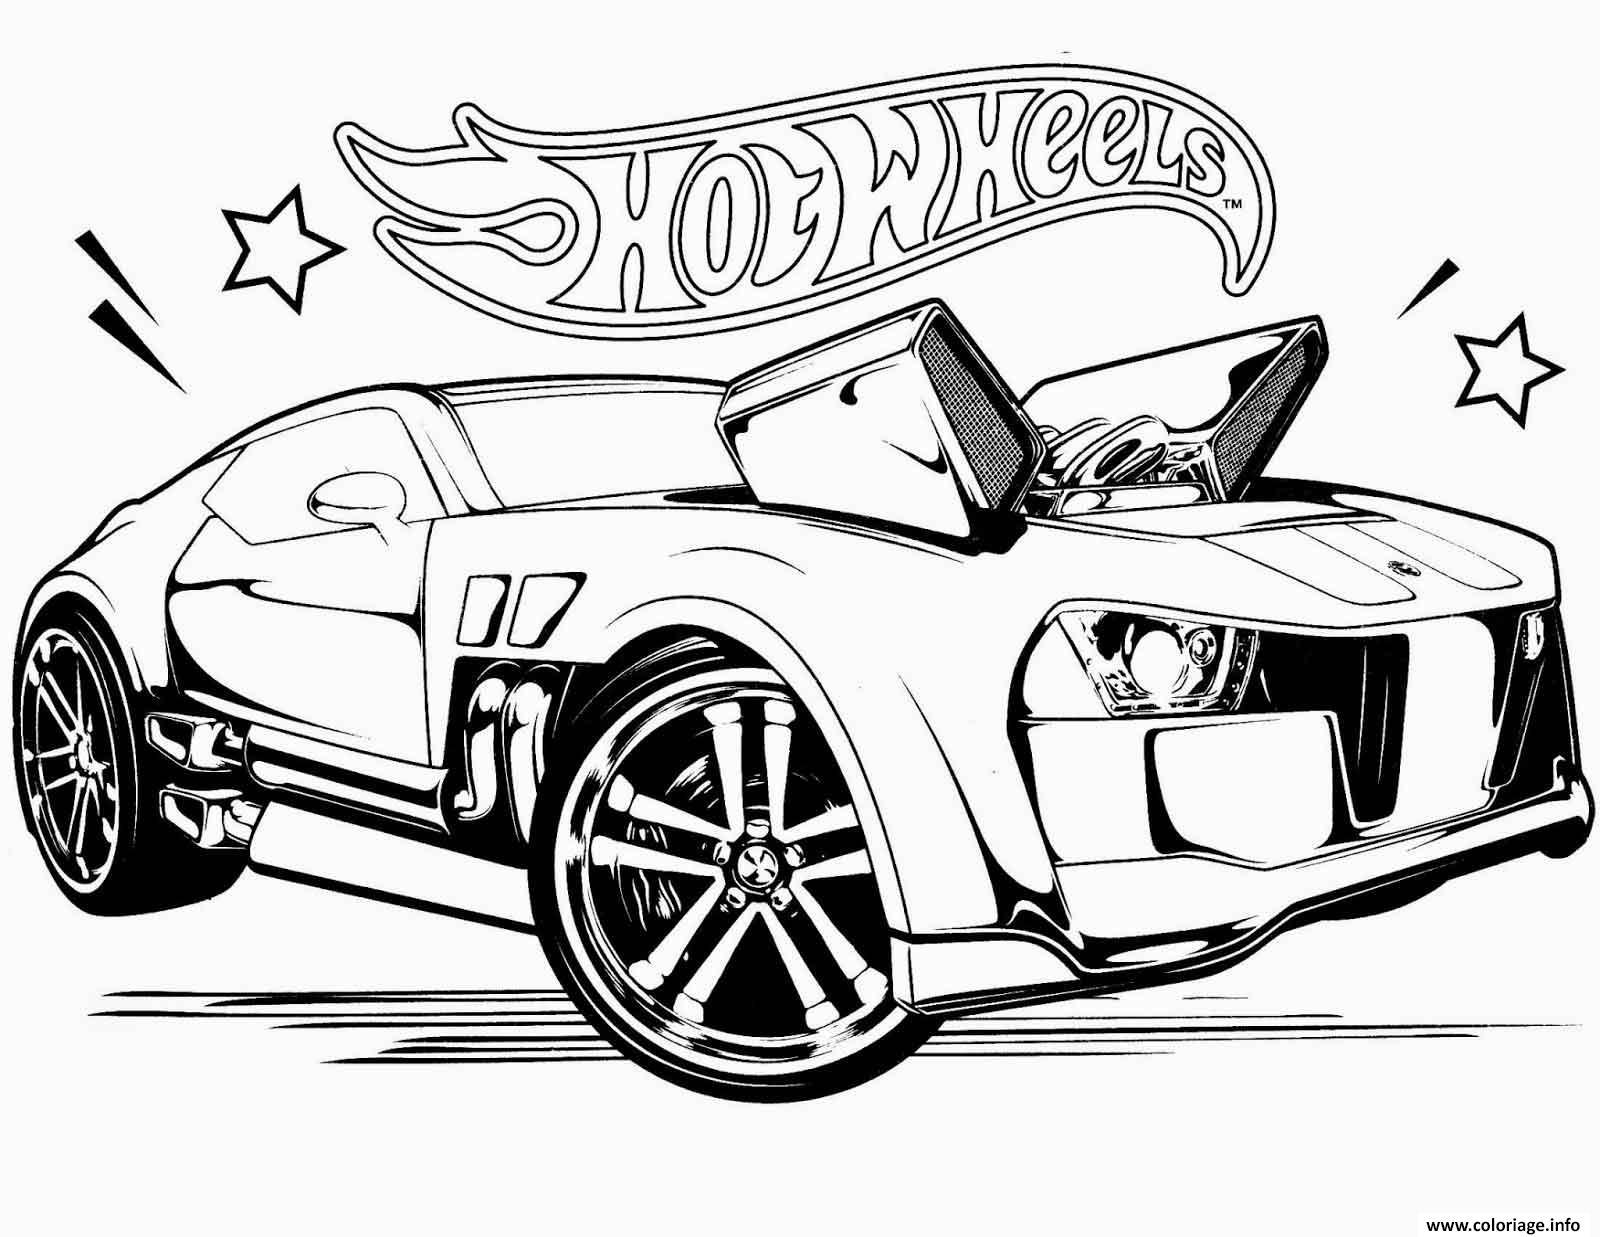 Dessin hot wheels 68 voiture rapide Coloriage Gratuit à Imprimer